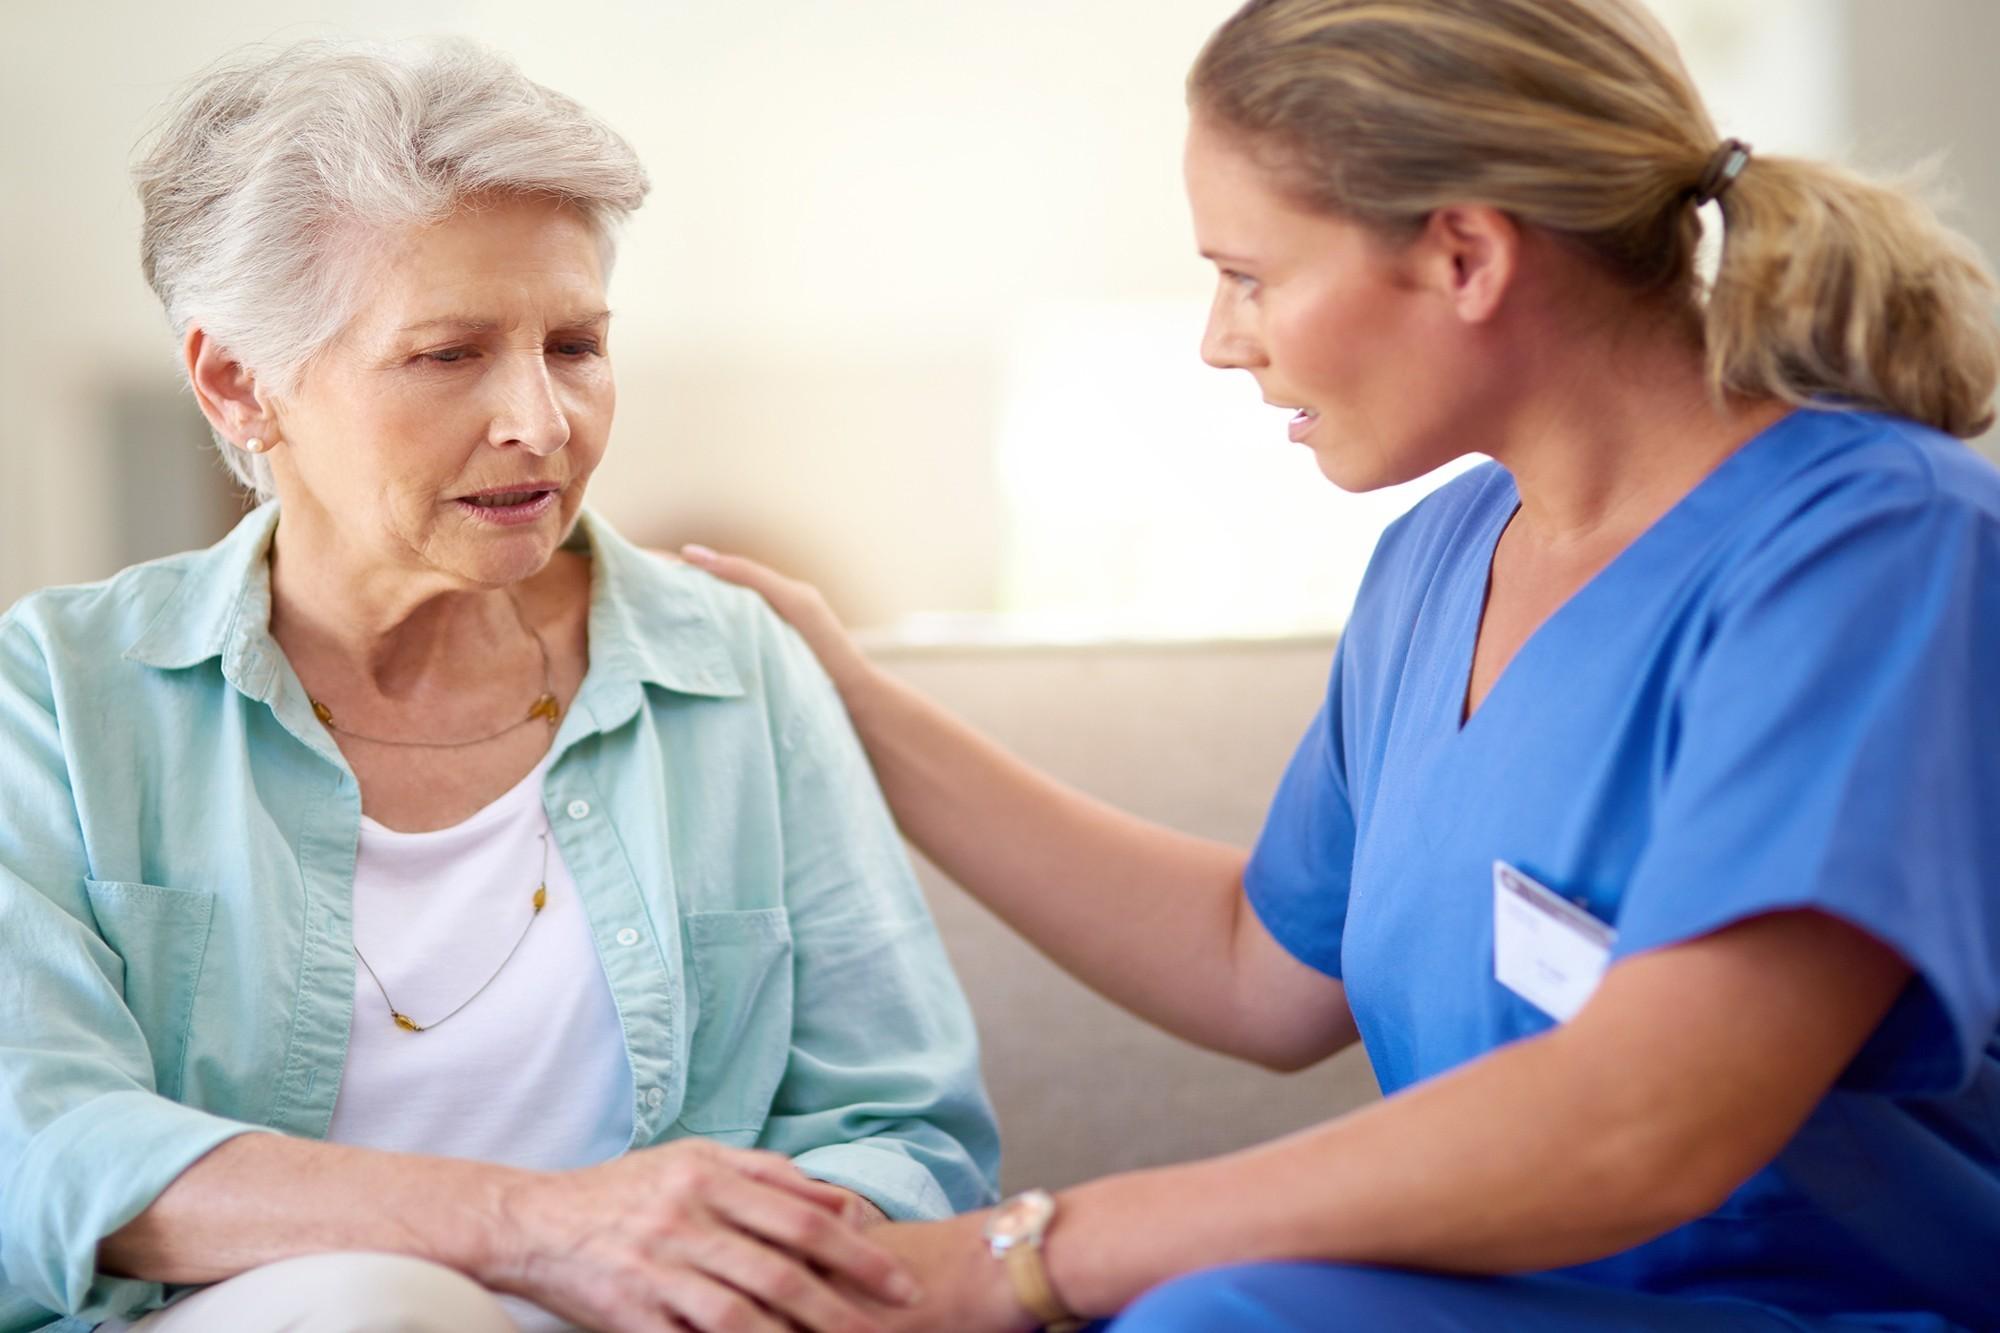 Cuidador de idoso com Alzheimer: como escolher o melhor profissional?